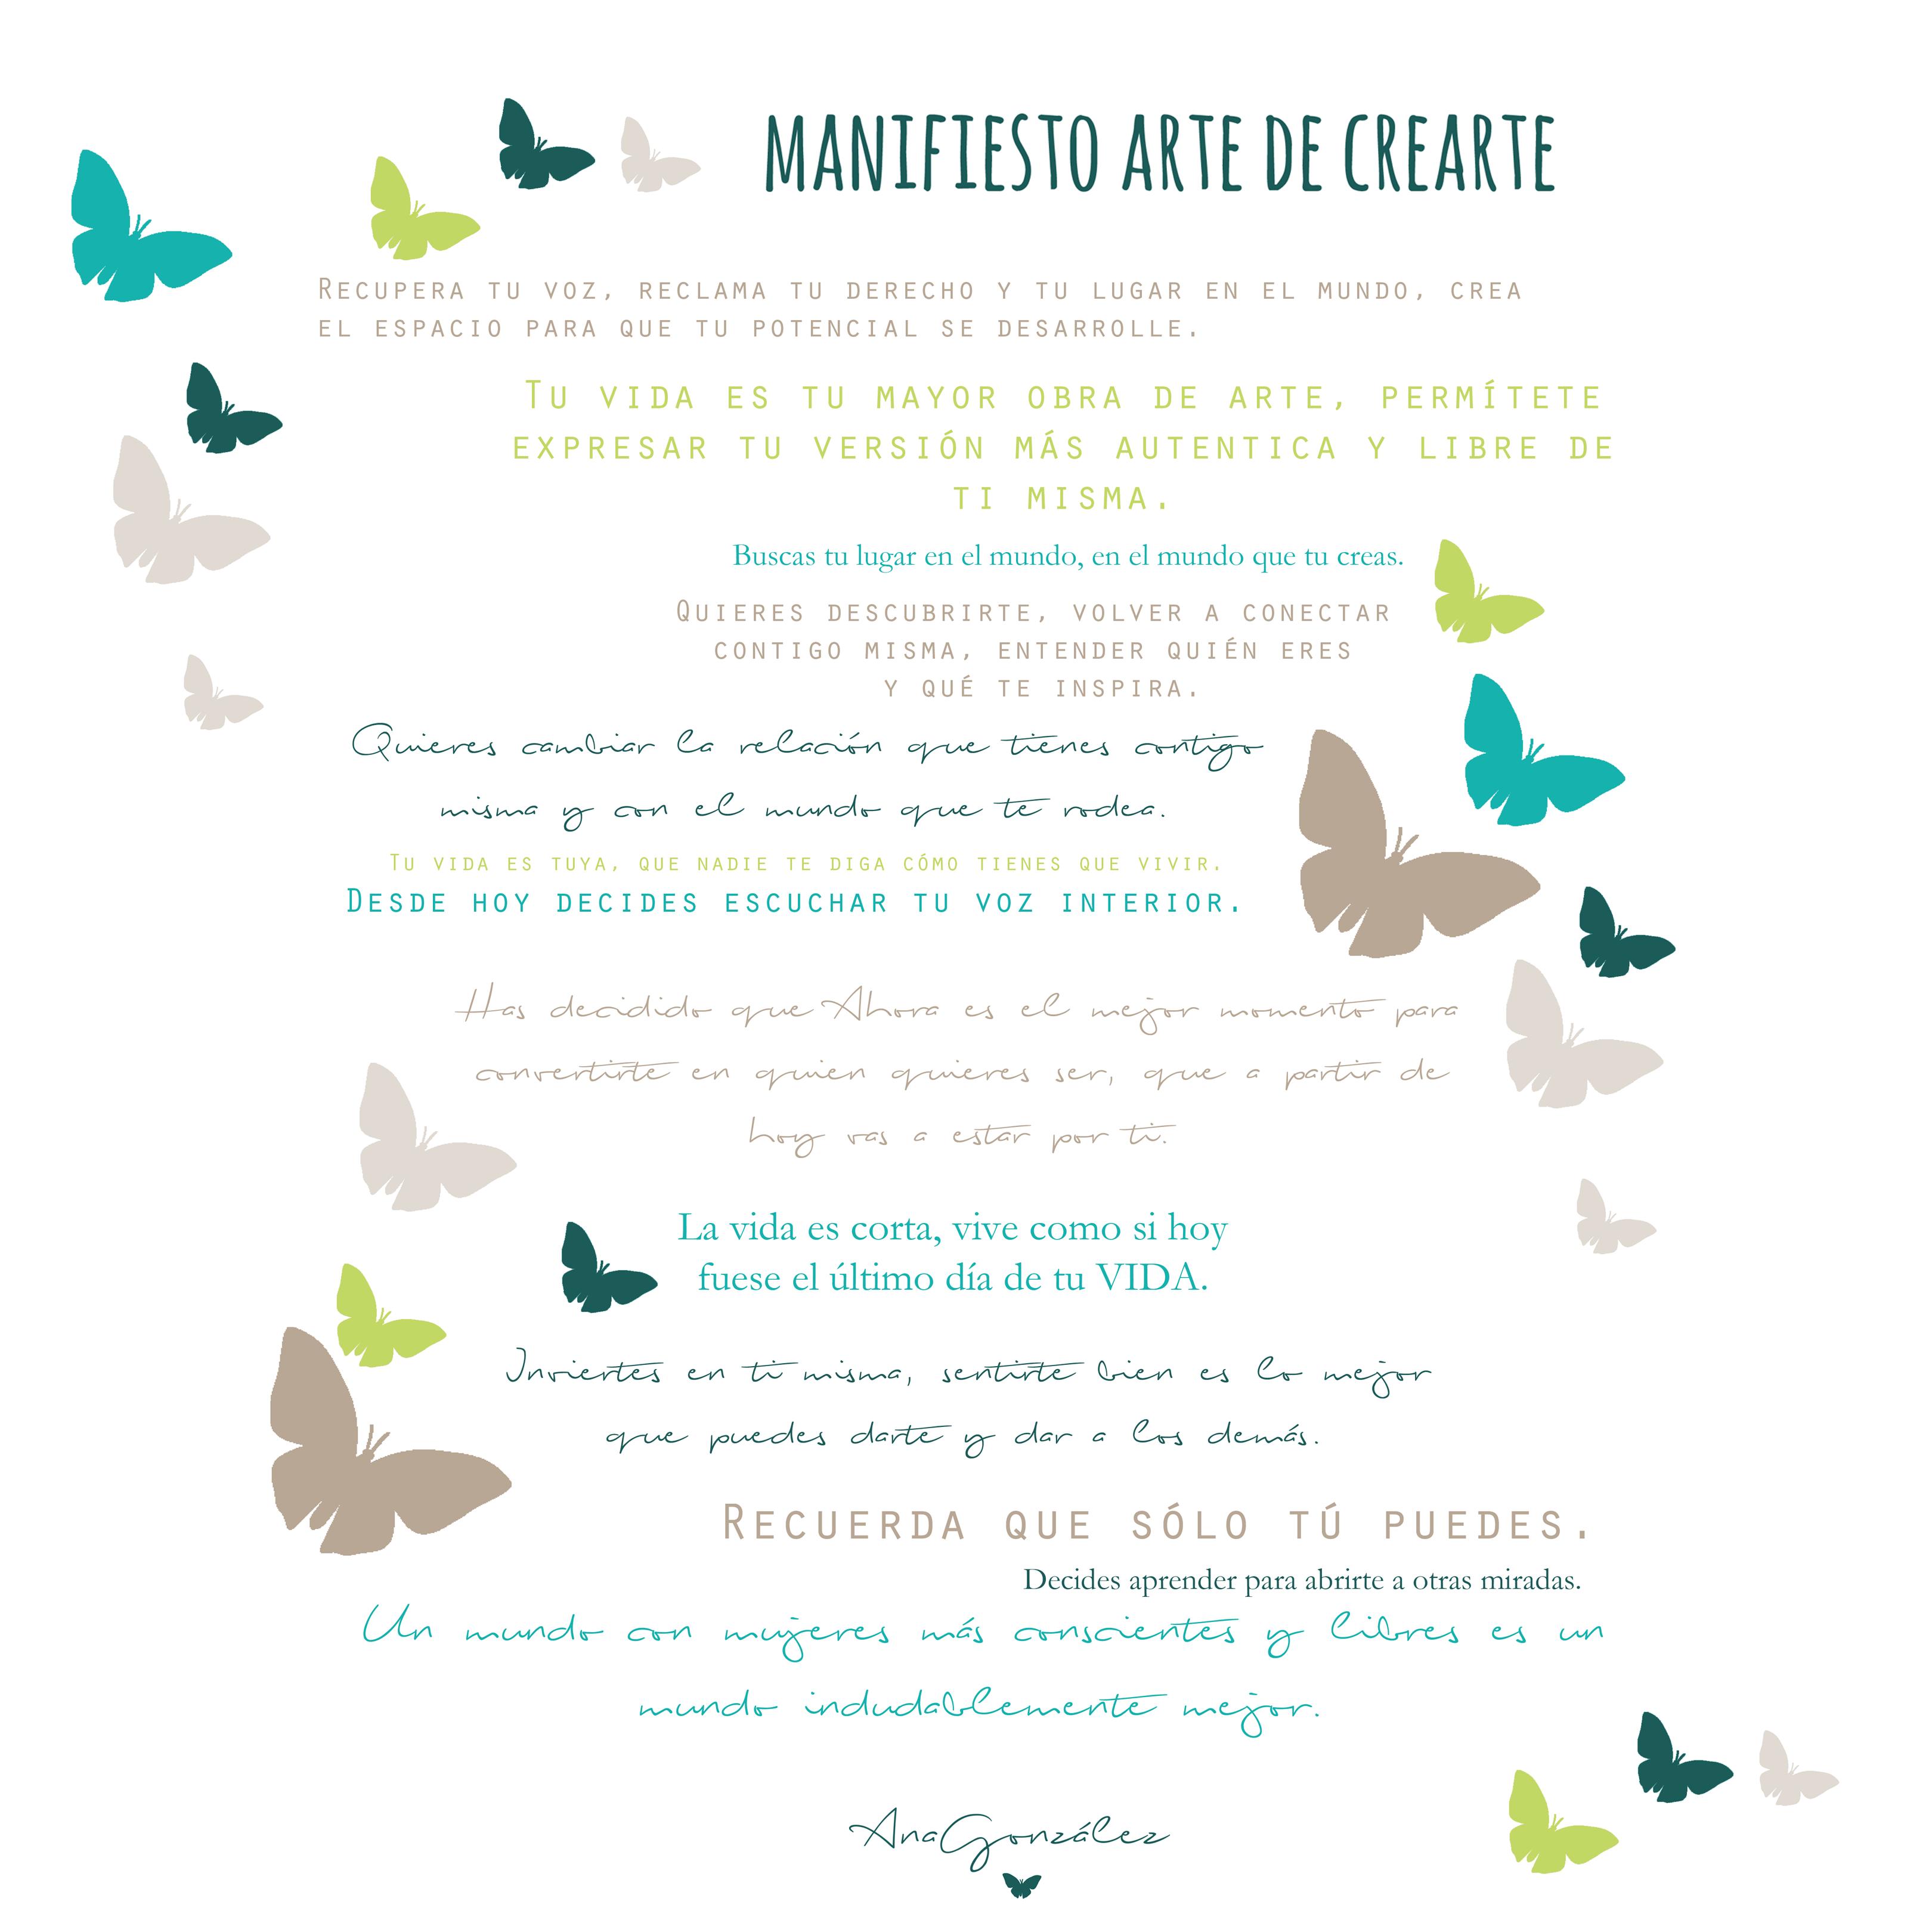 MANIFIESTO ARTE DE CREARTE